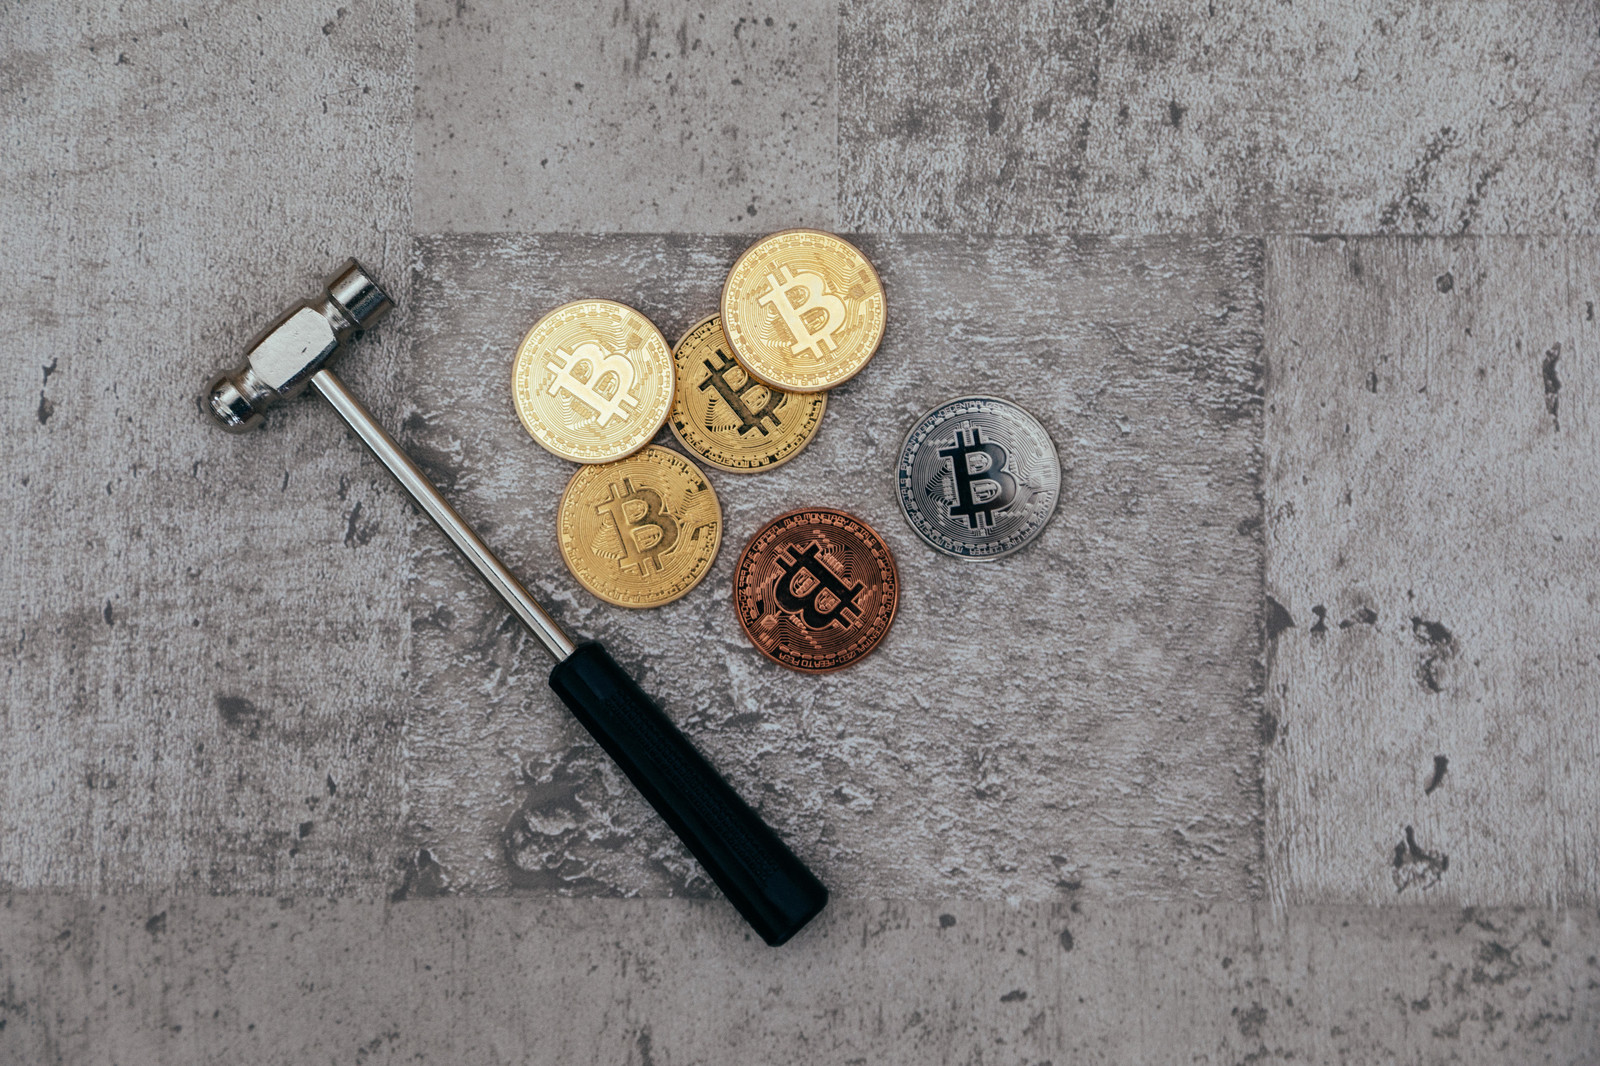 「金槌と仮想通貨(マイニング)」の写真